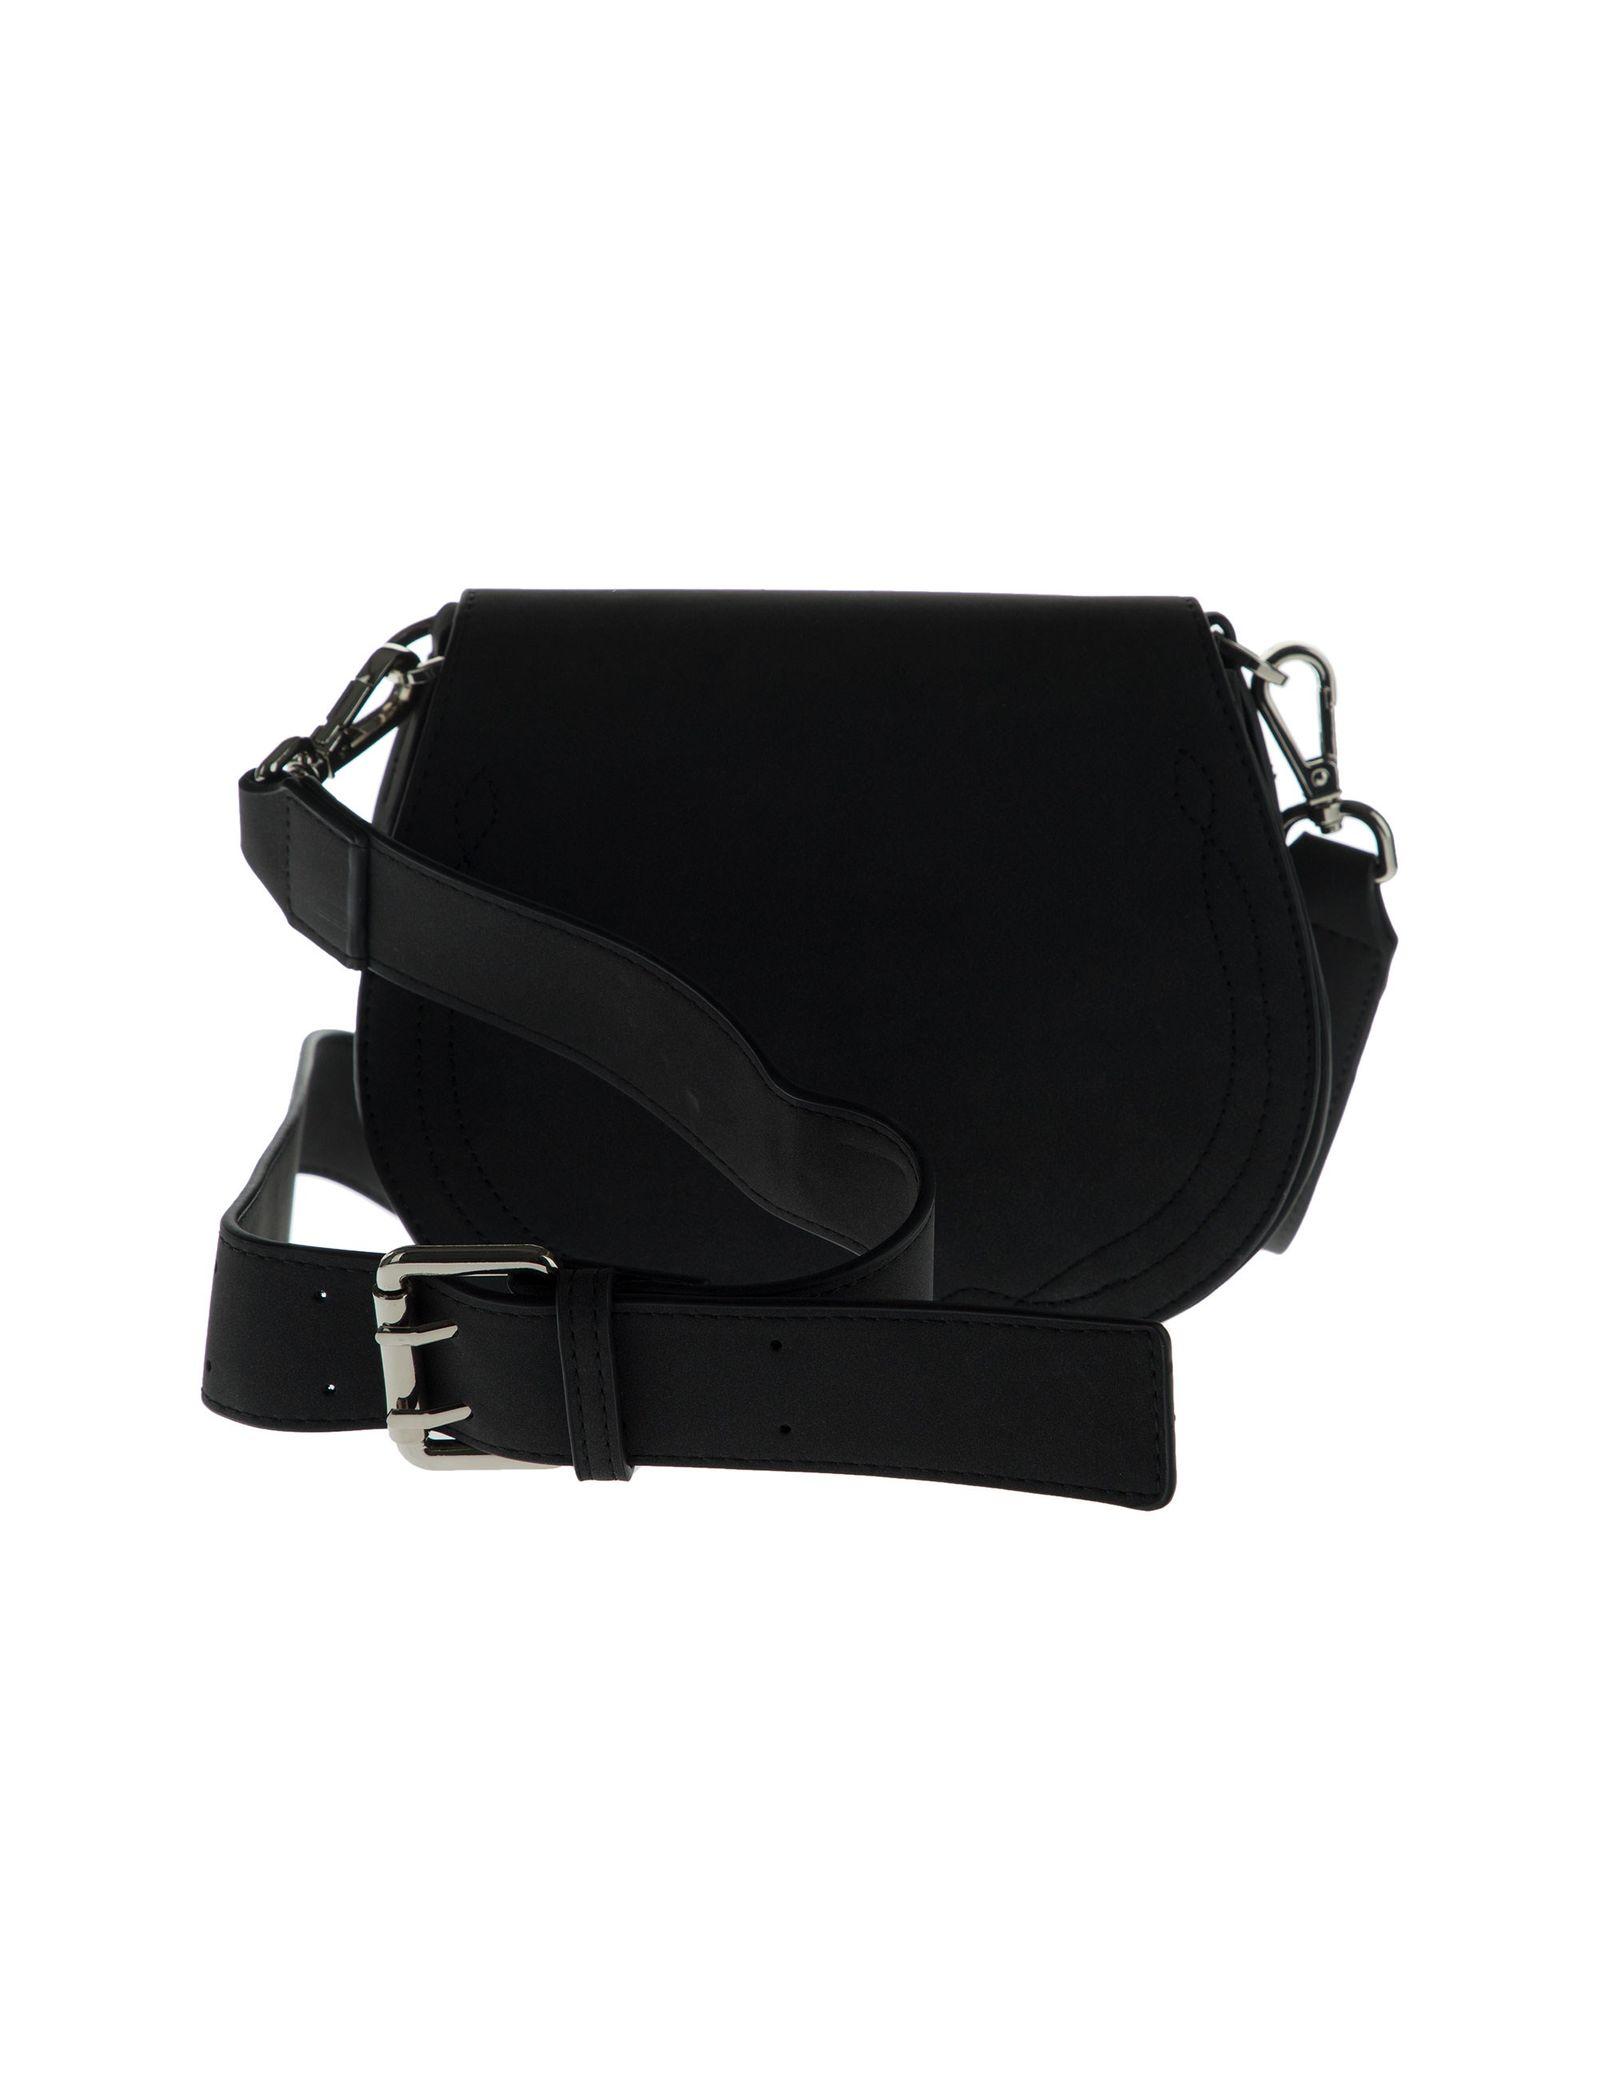 کیف دوشی روزمره زنانه - آبجکت تک سایز - مشکي - 2